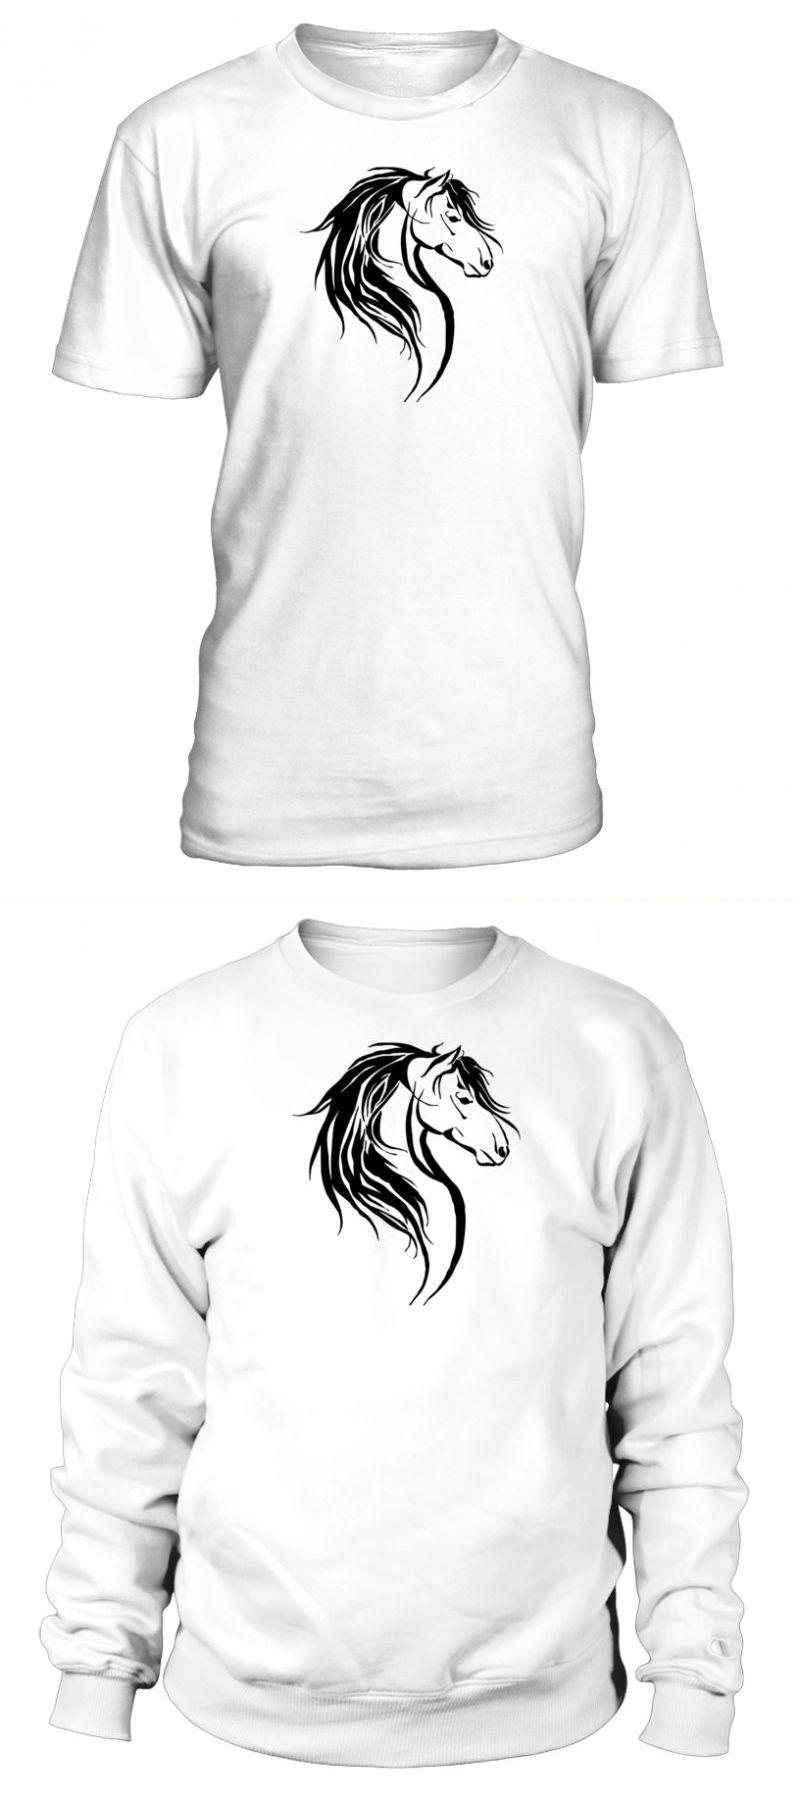 c1bcacf63 Navy st mixed martial arts shirt old romantic horse head shirt tiger rock  martial arts shirt #navy #st #mixed #martial #arts #shirt #old #romantic  #horse ...